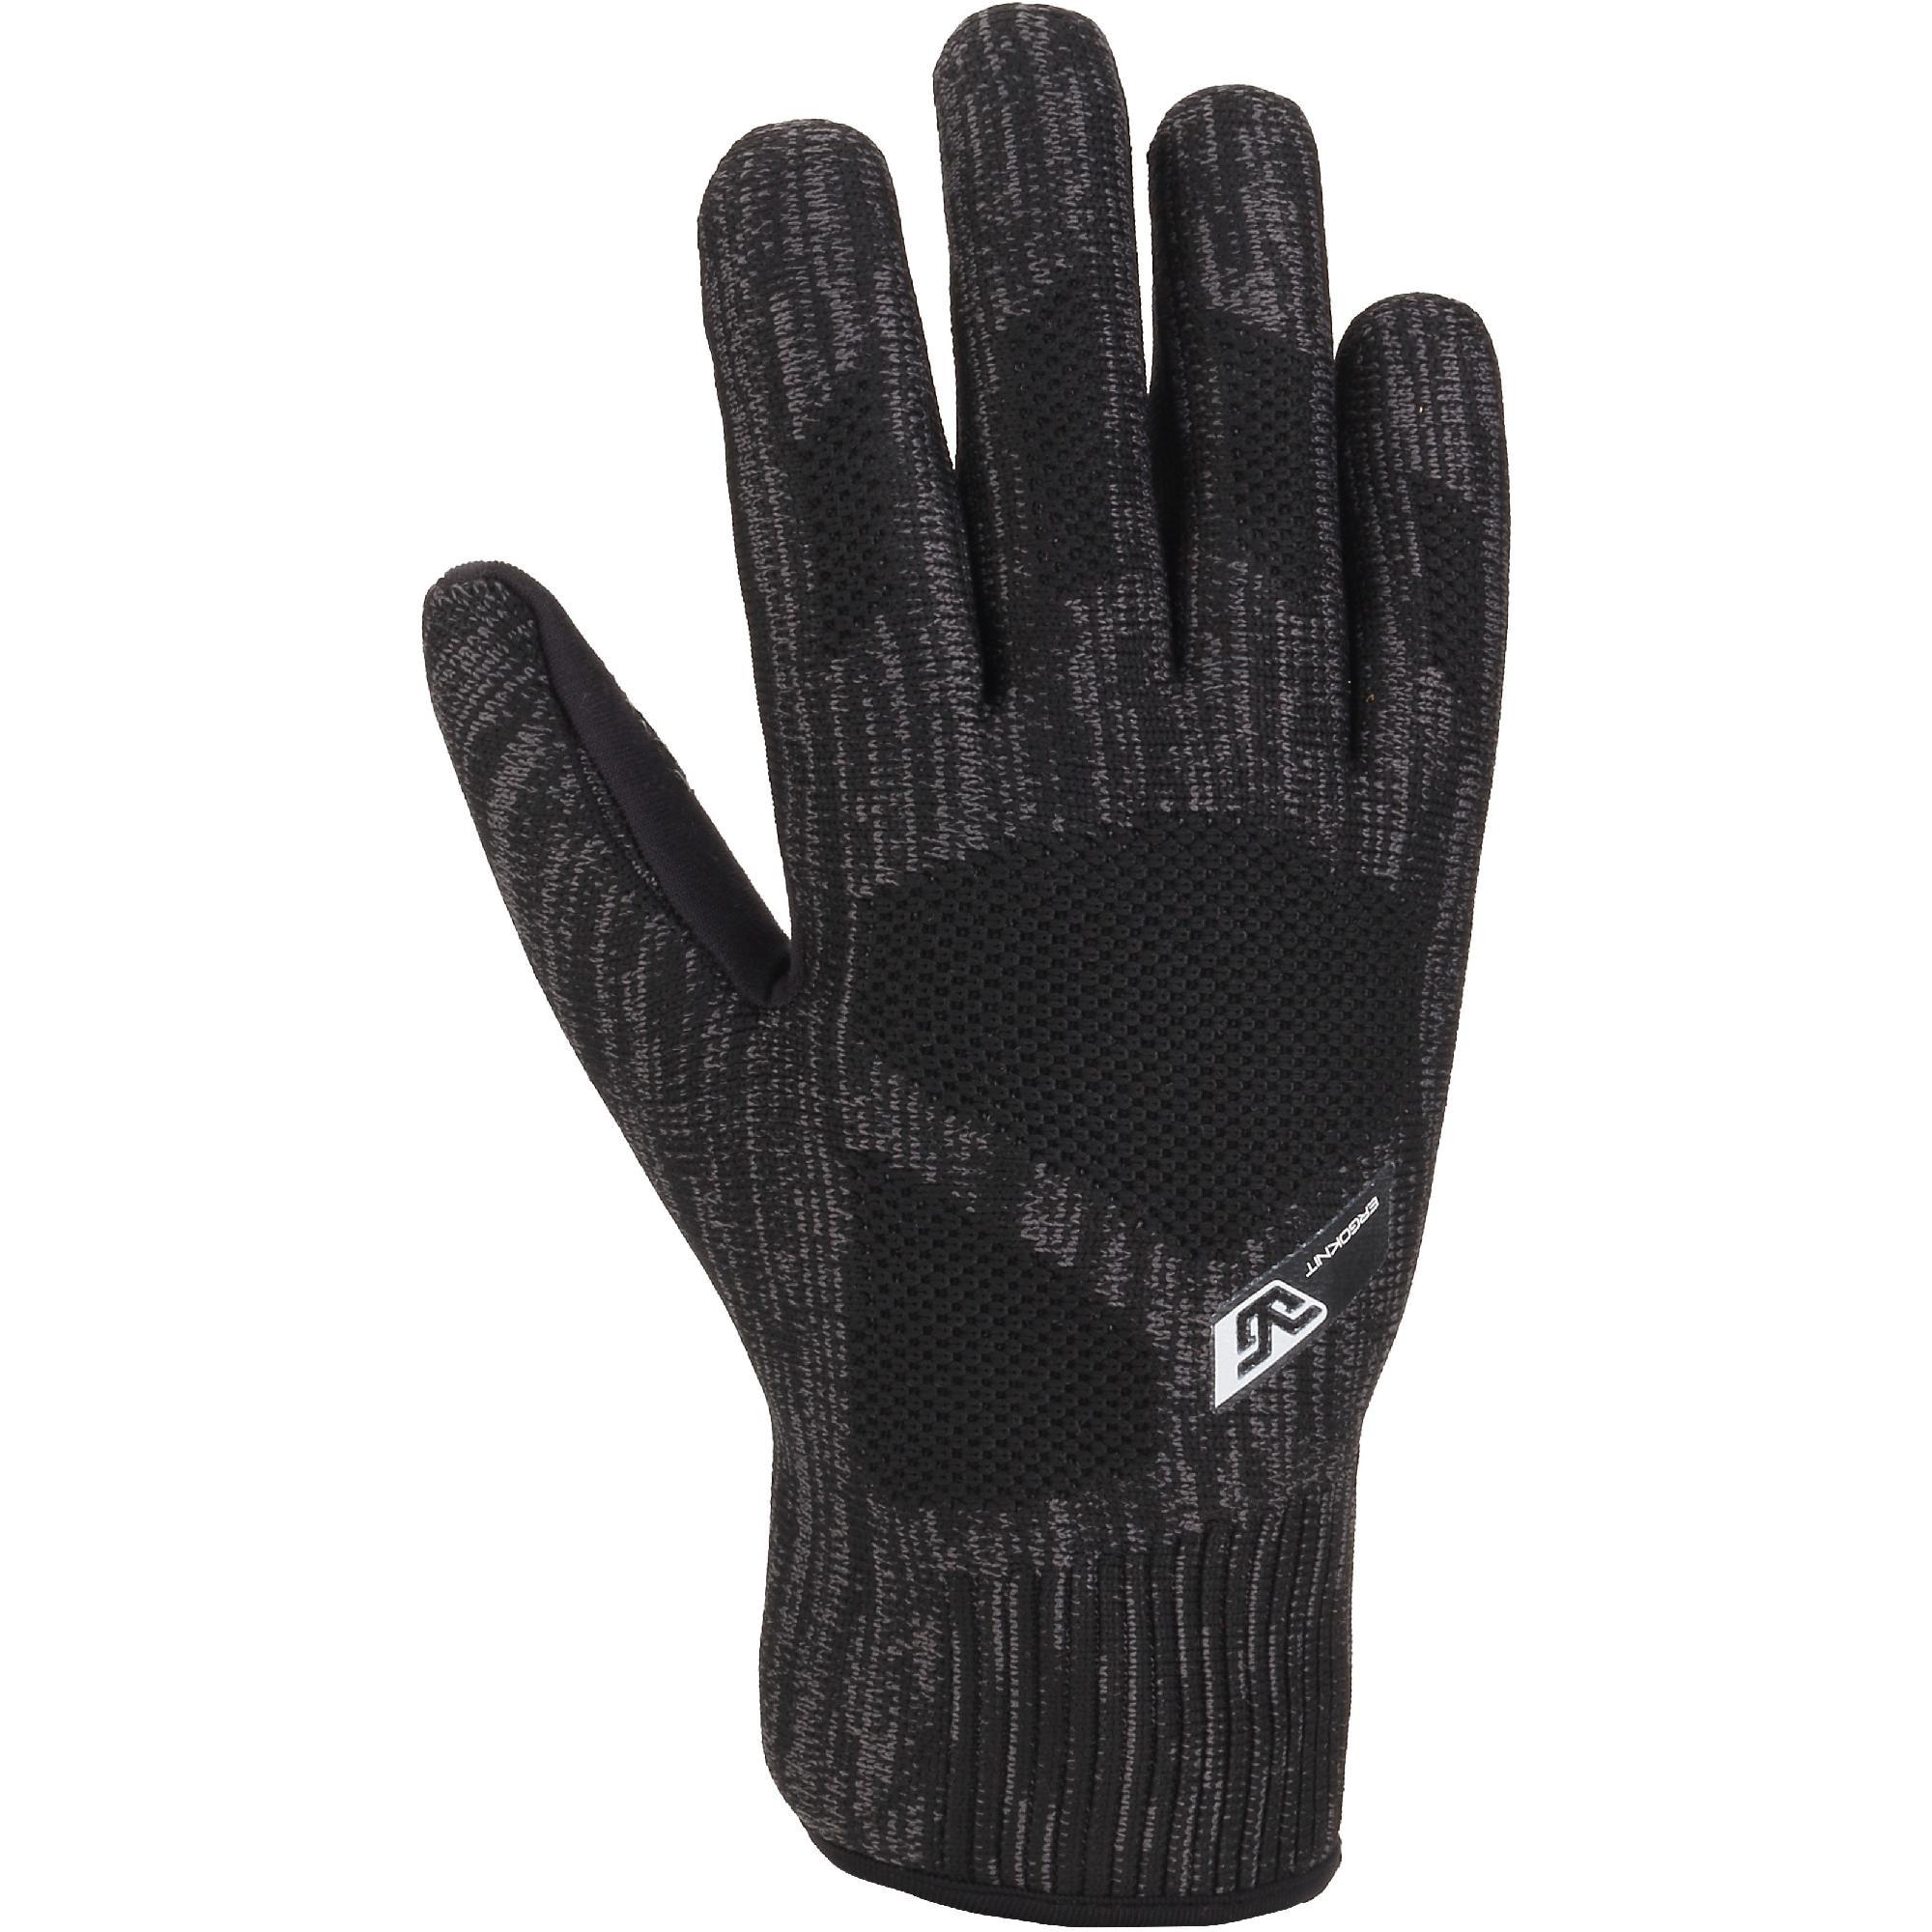 Ergoknit WindStopper Fleece Glove - Women's